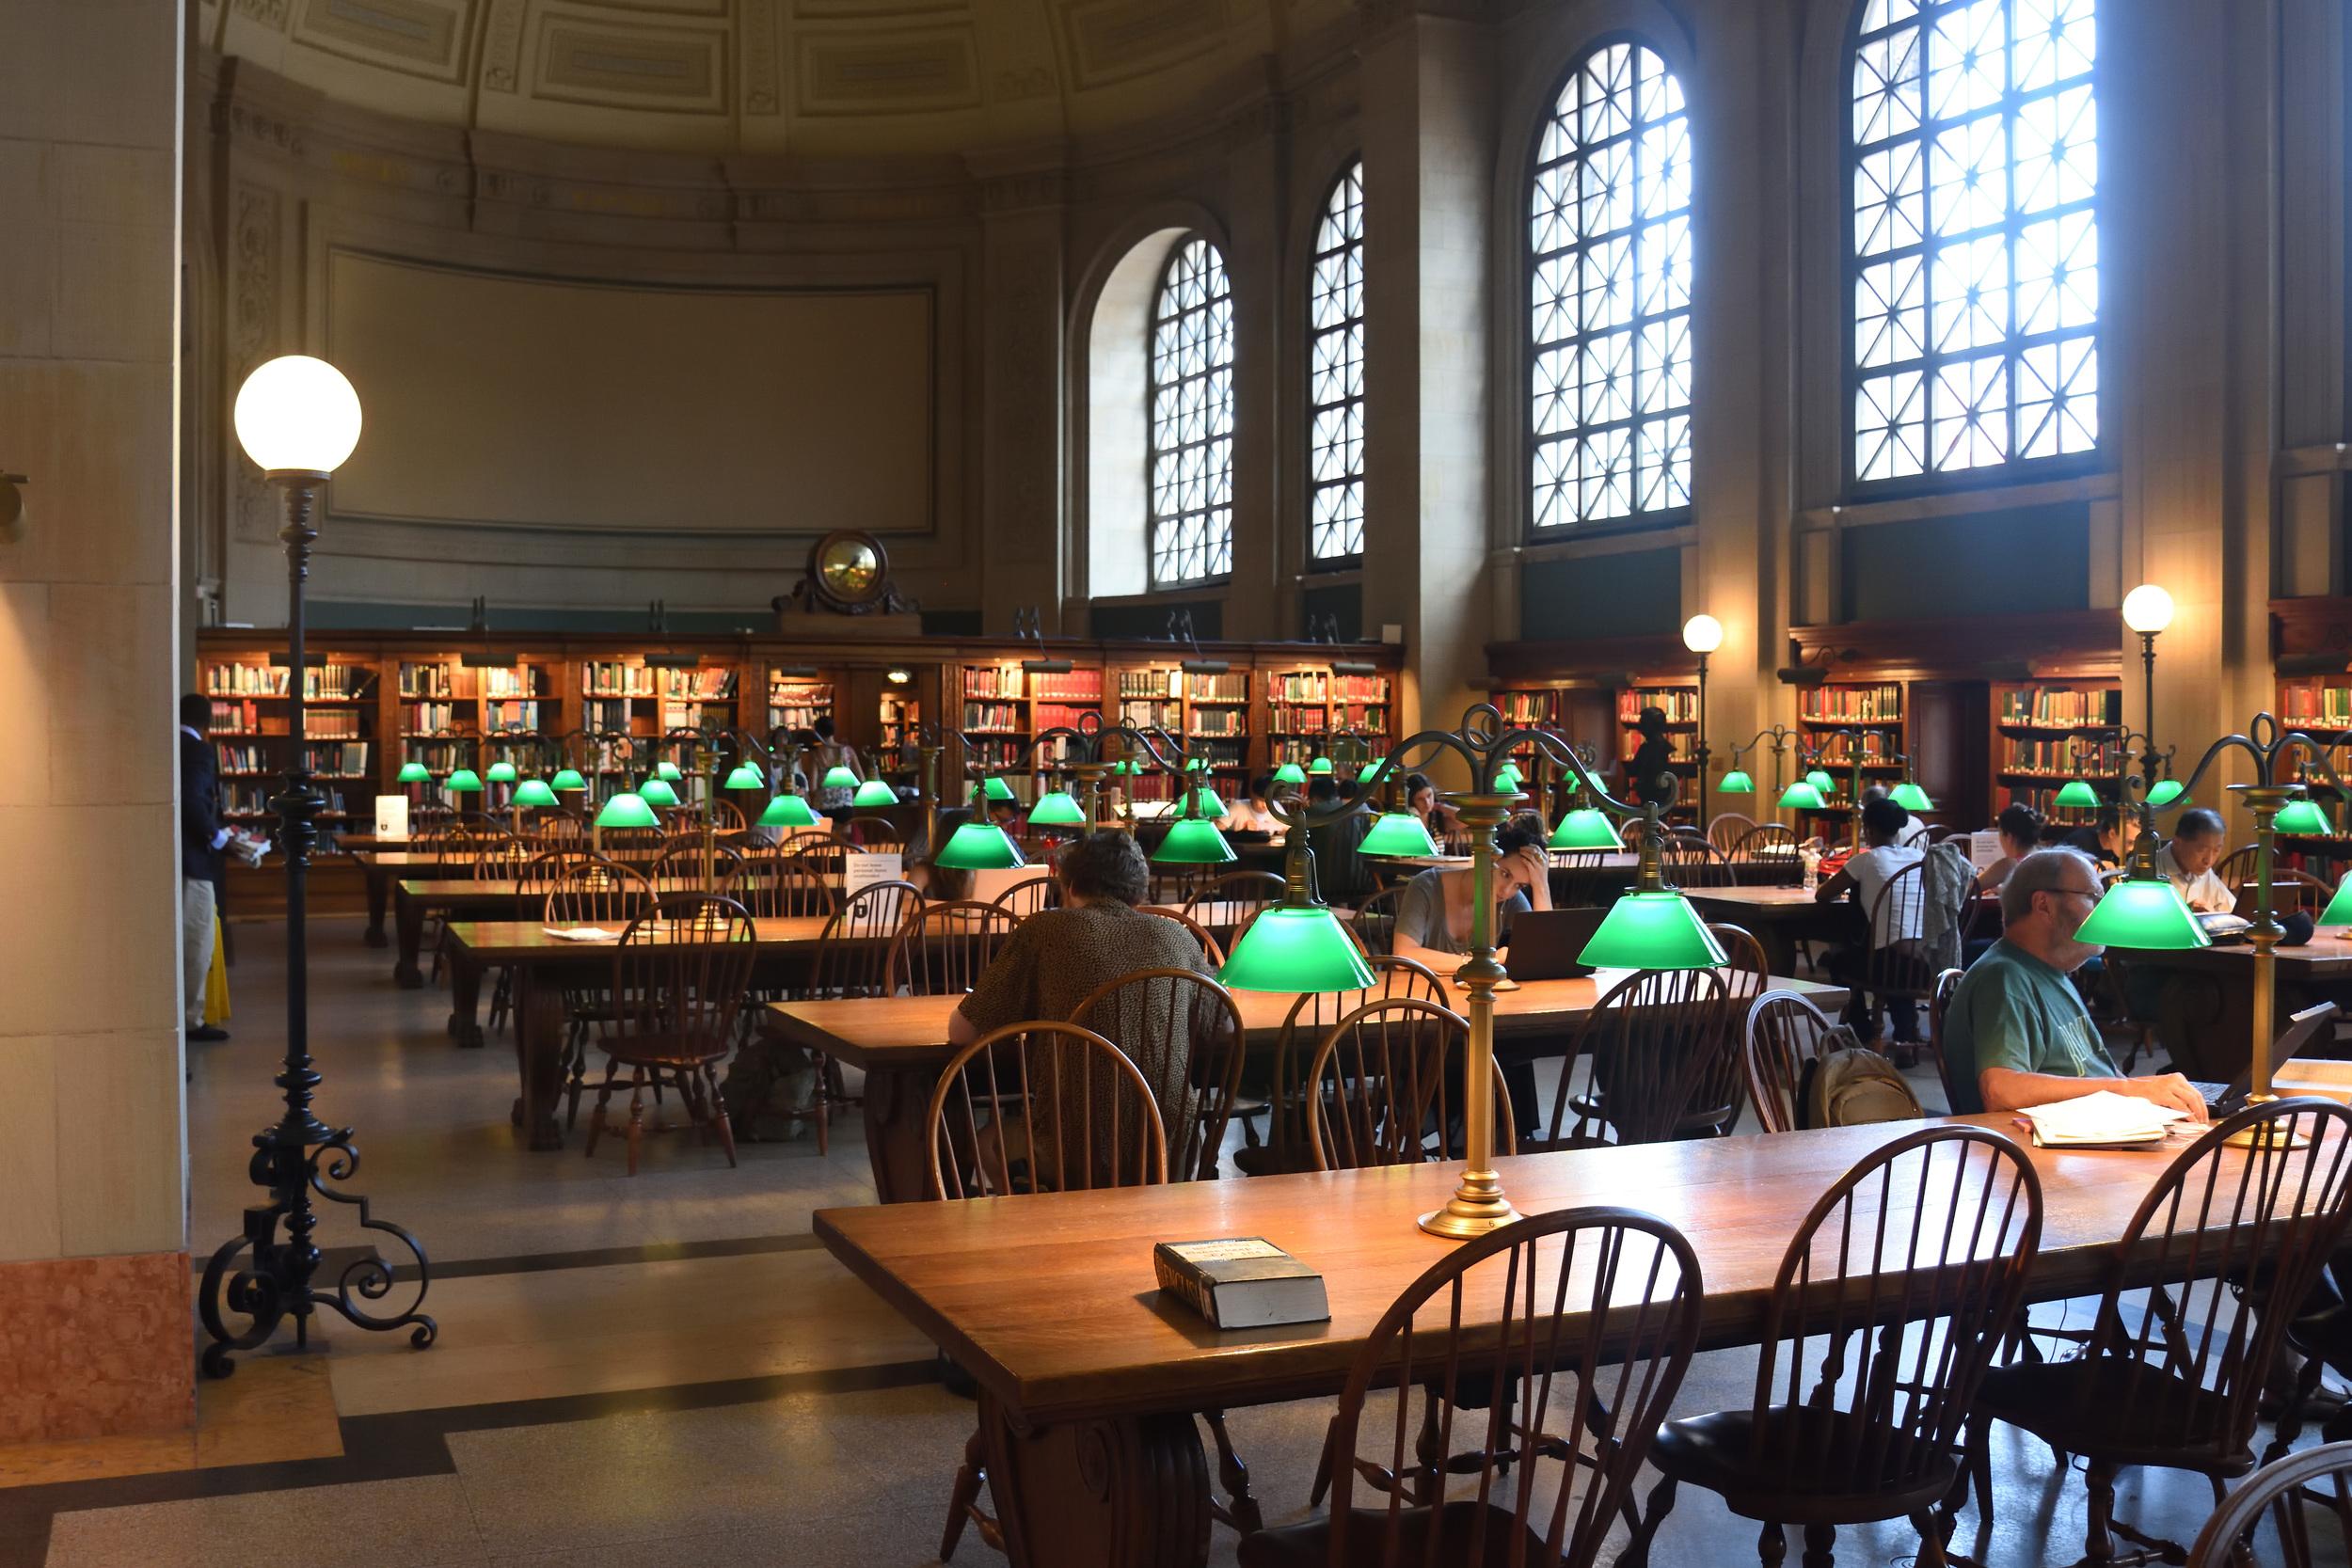 Boston Public Library 2016